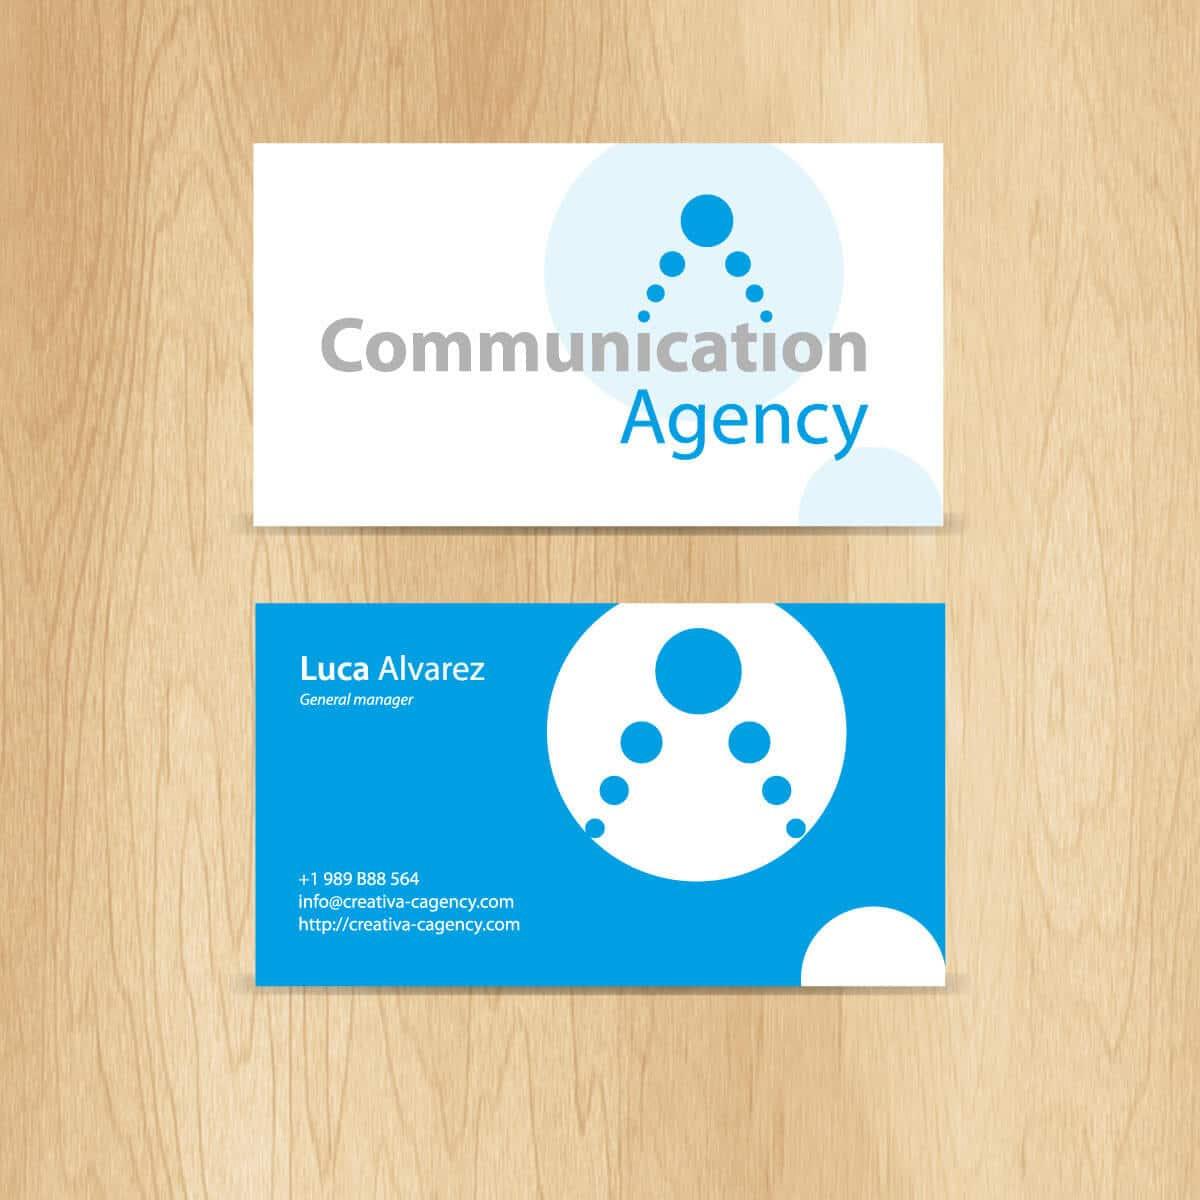 Diseño de tarjetas de visita para una agencia de comunicacion